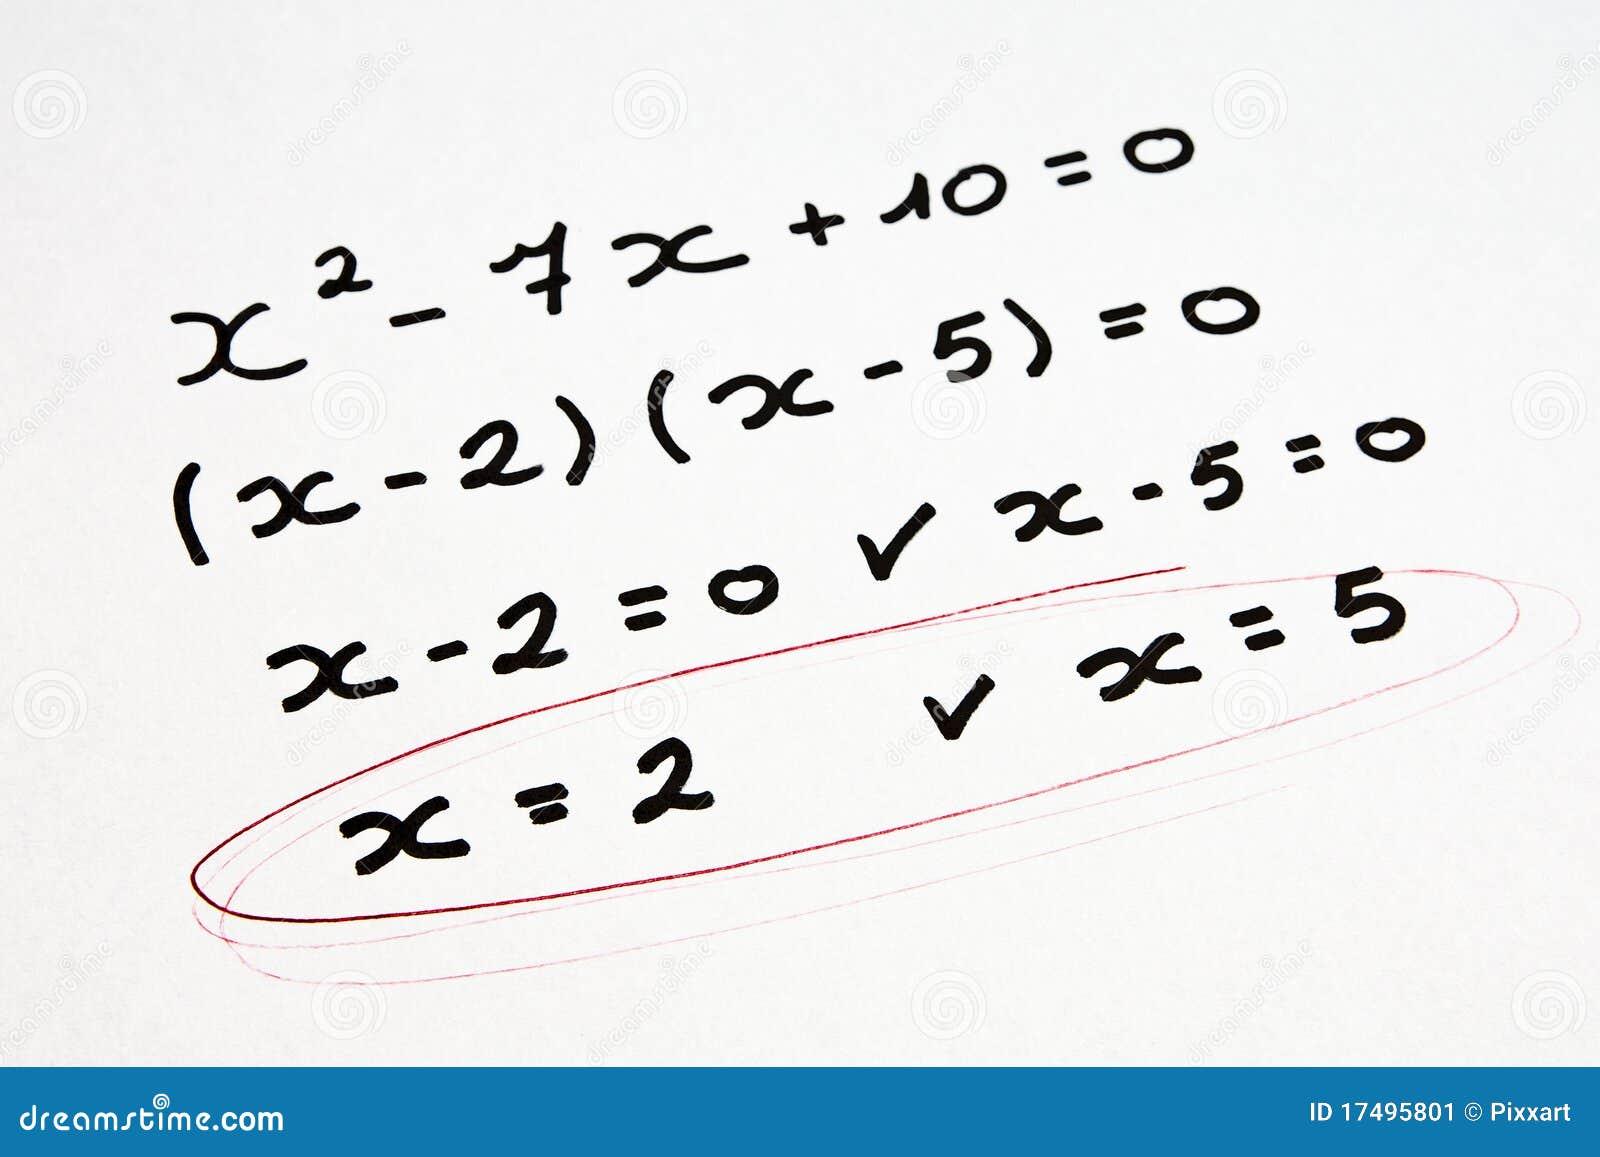 Math exercise stock photo. Image of formula, mathematics - 10570624